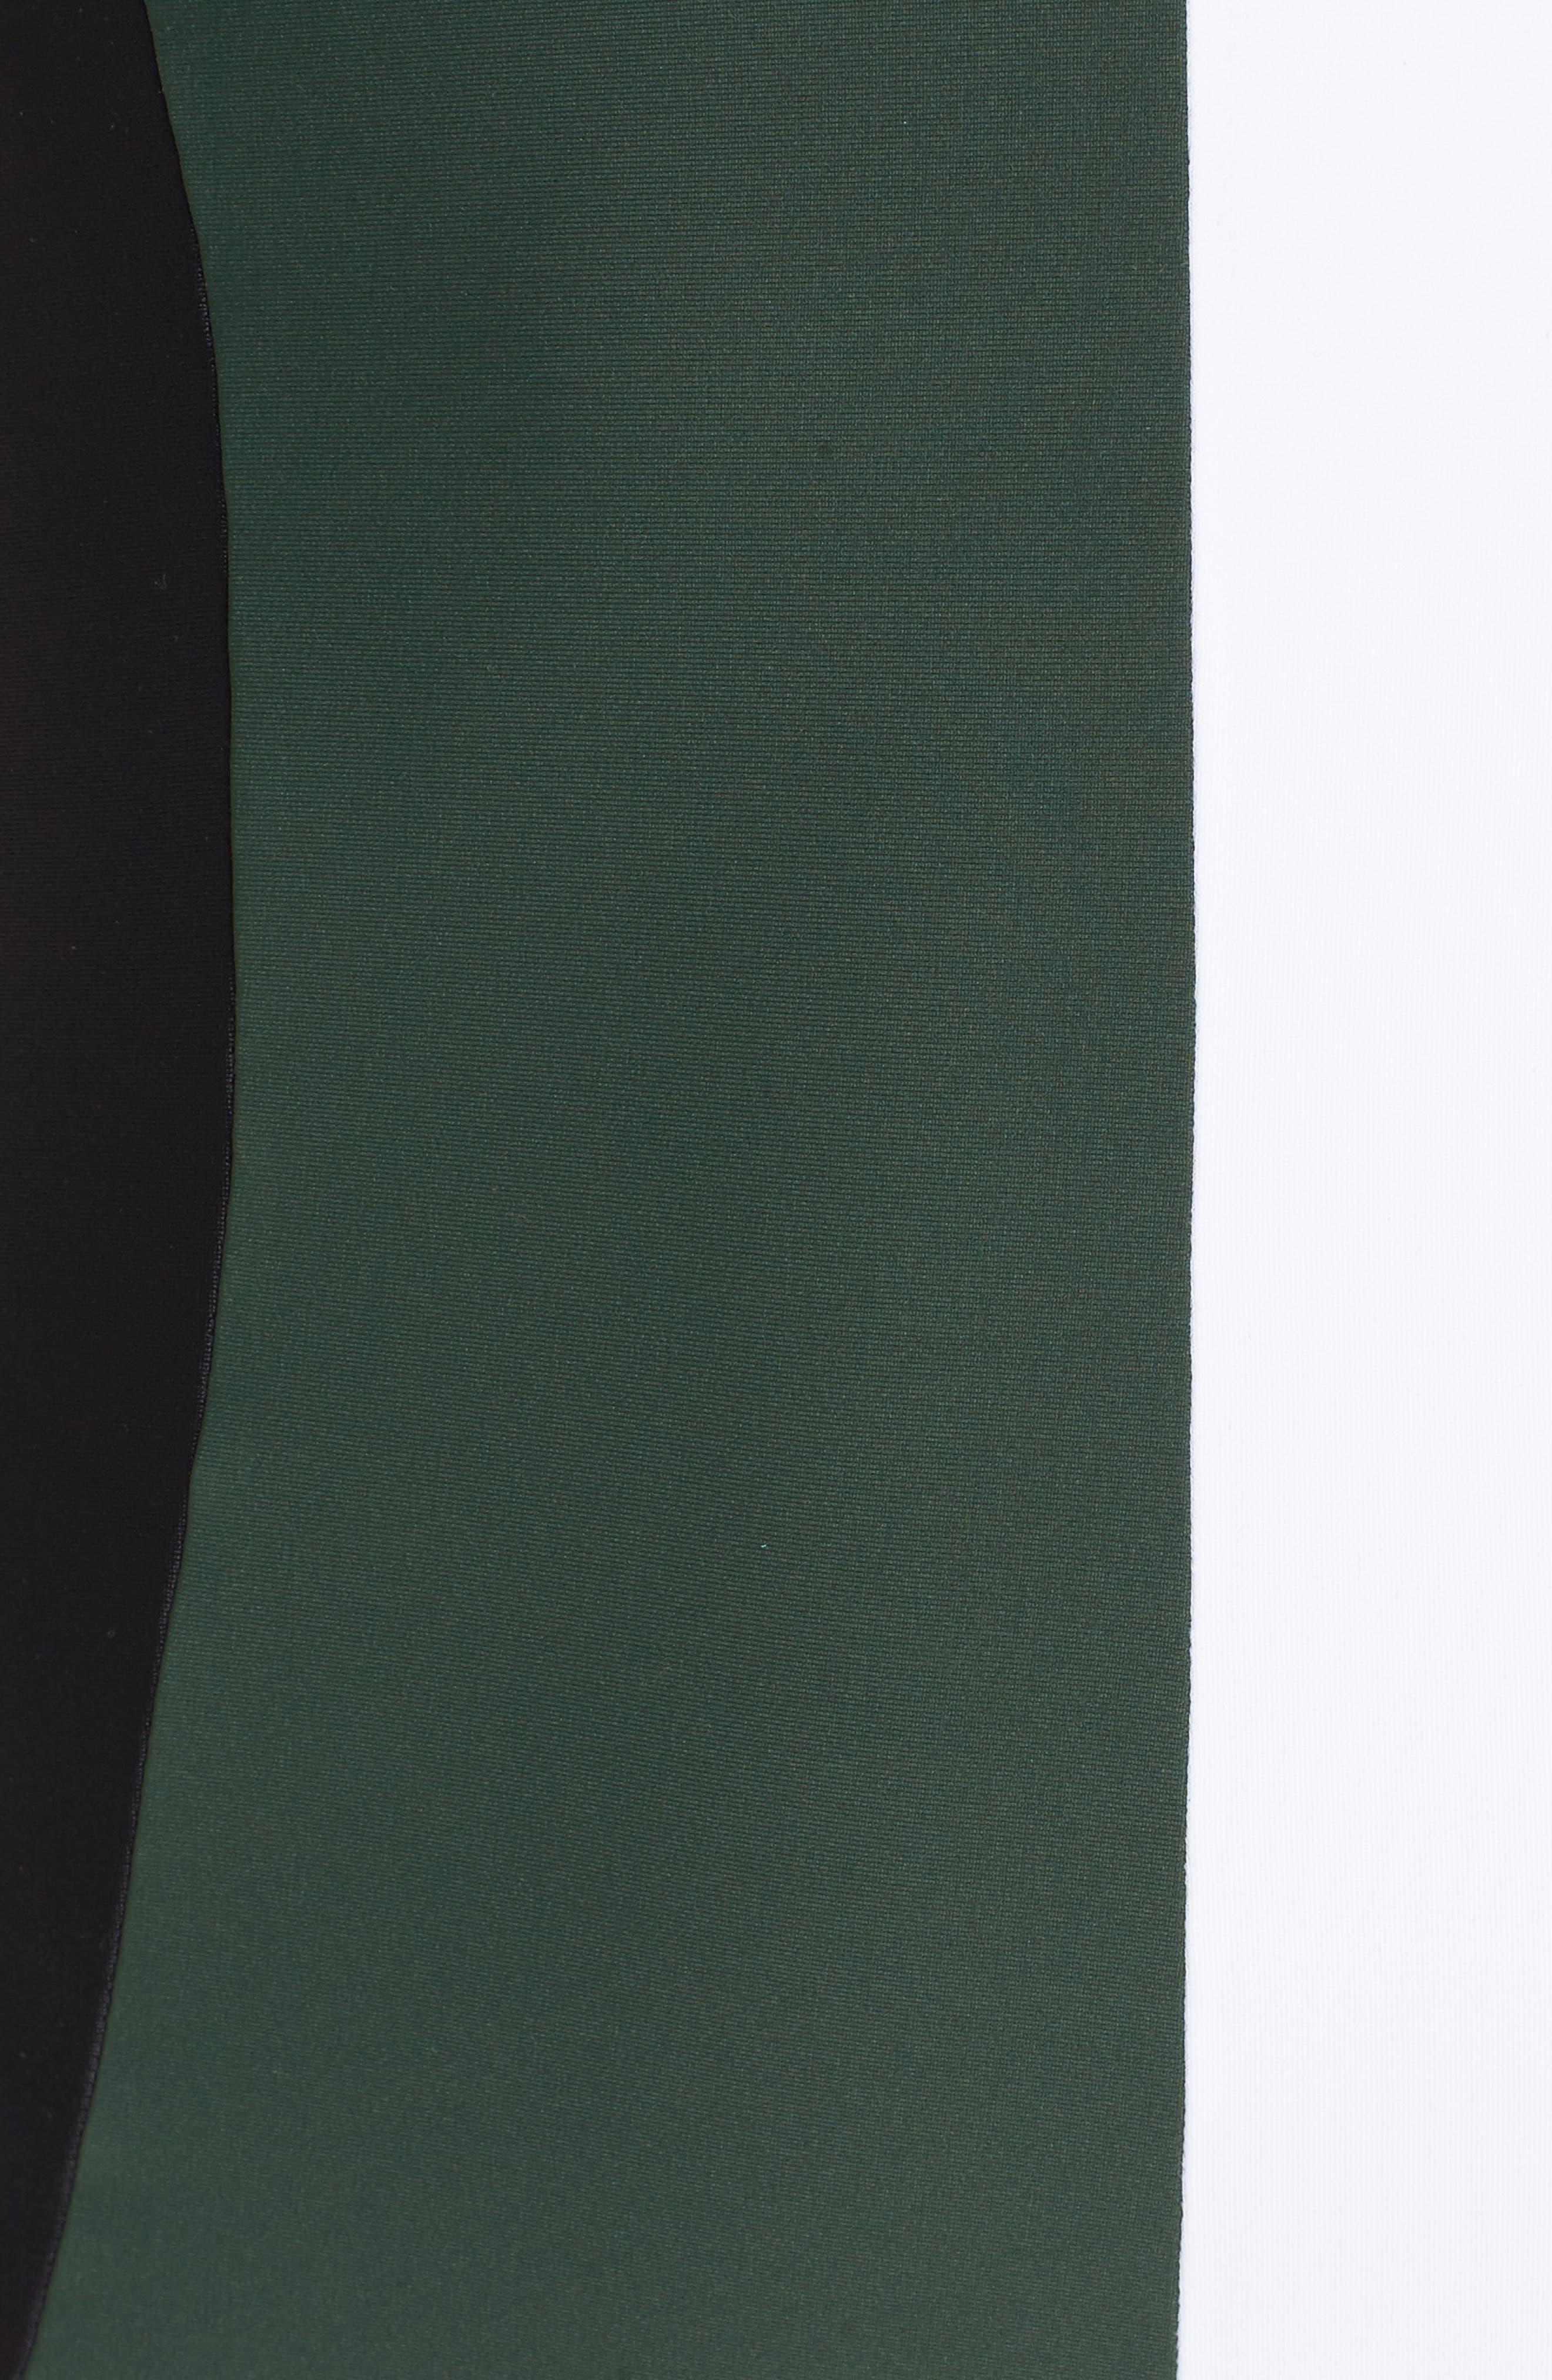 Farrah Colorblock One-Piece Swimsuit,                             Alternate thumbnail 5, color,                             300